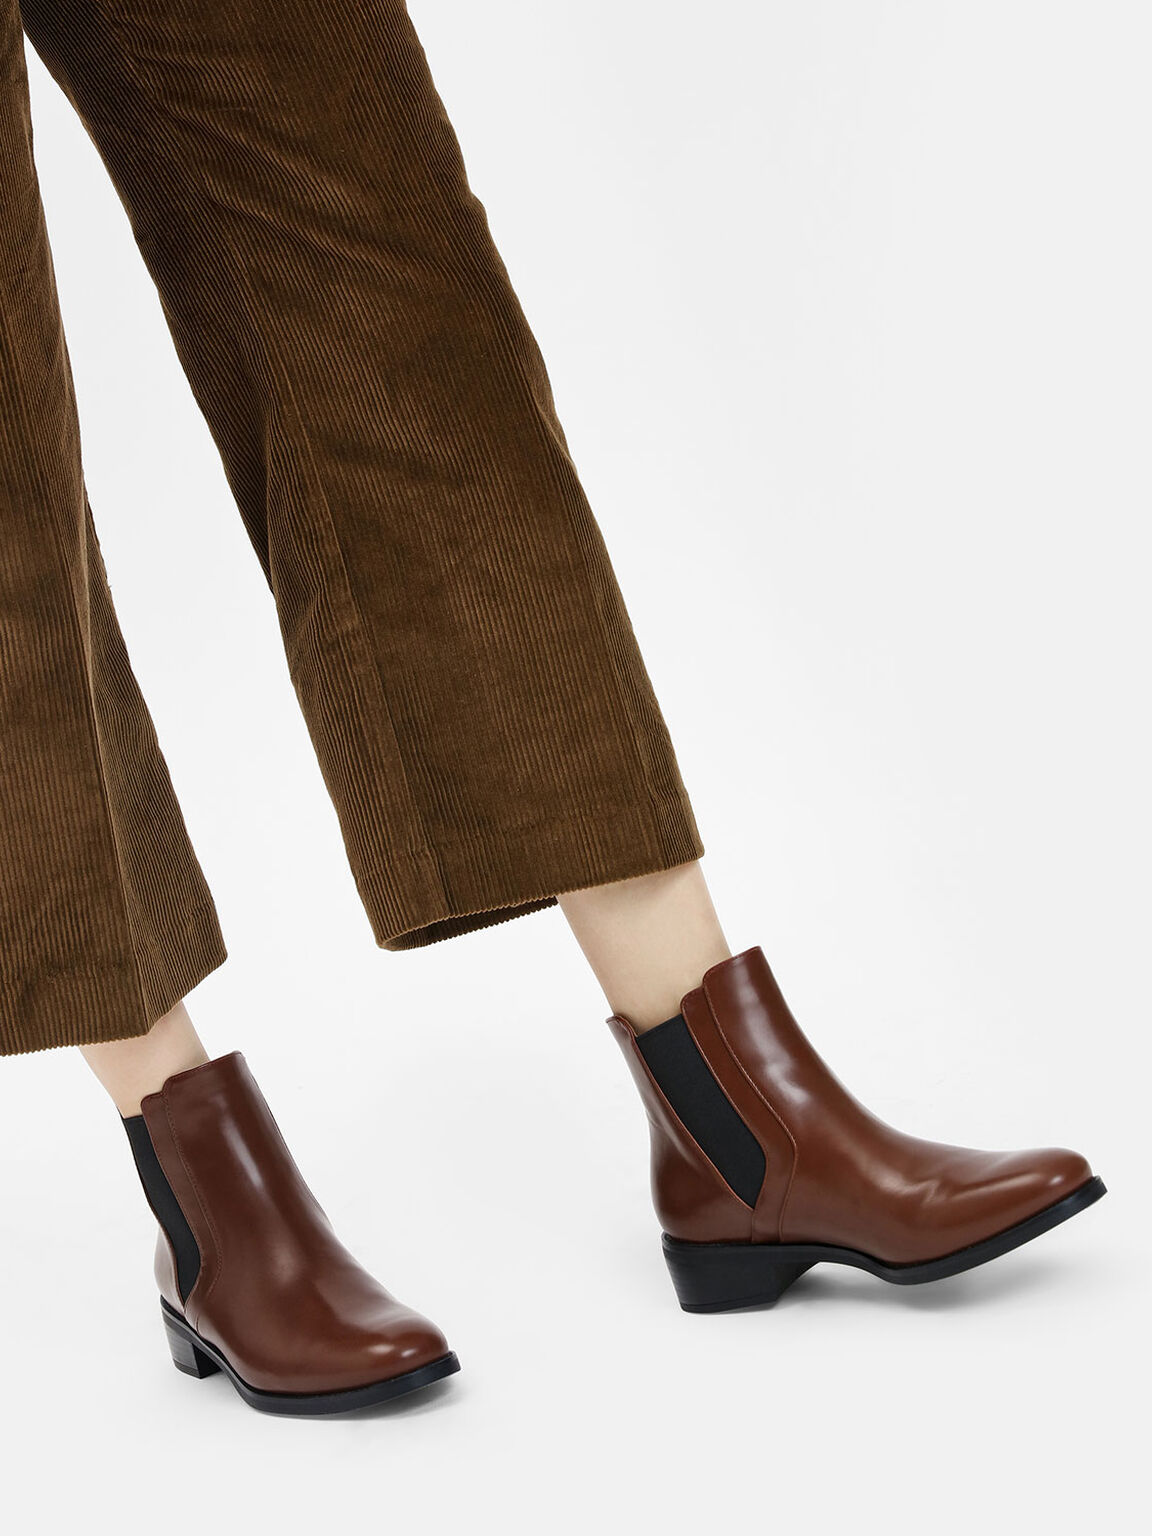 Classic Ankle Boots, Cognac, hi-res